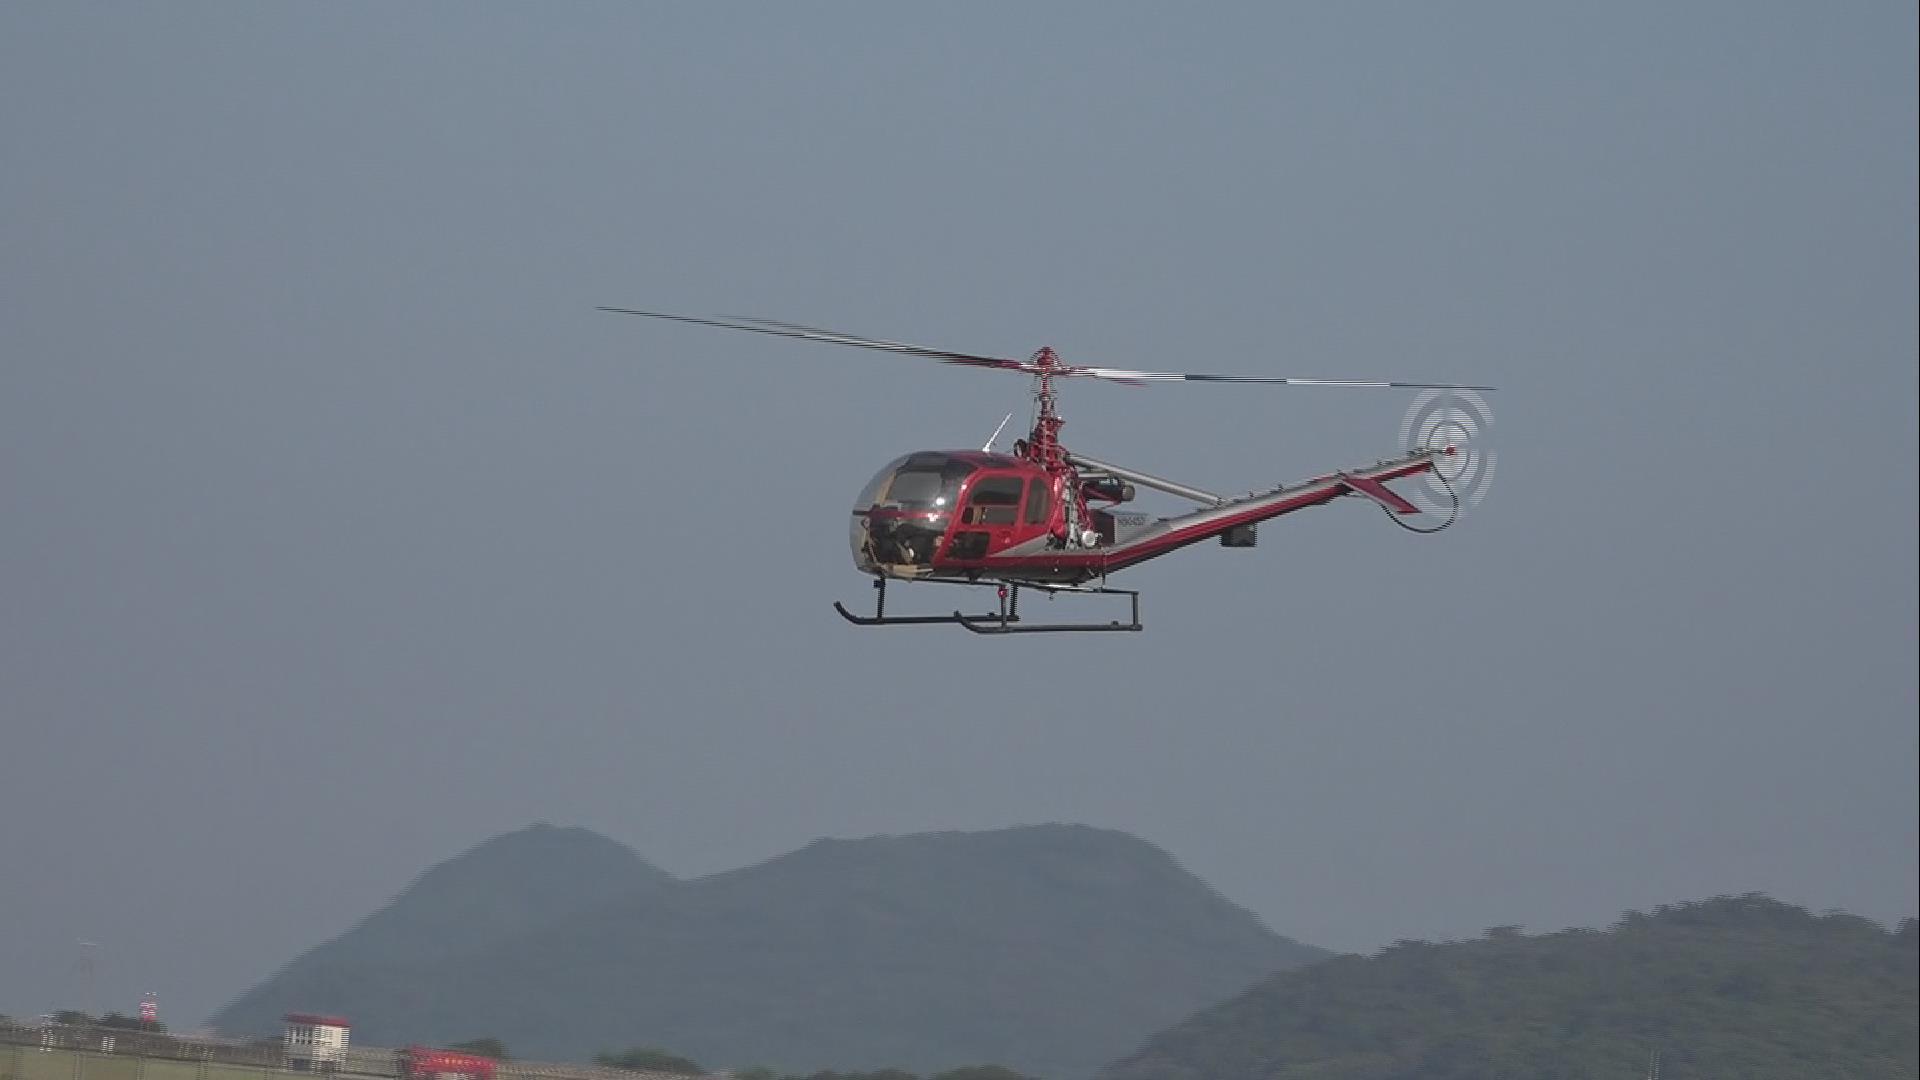 席勒集团携3架uh-12e系列直升机重磅亮相珠海航展